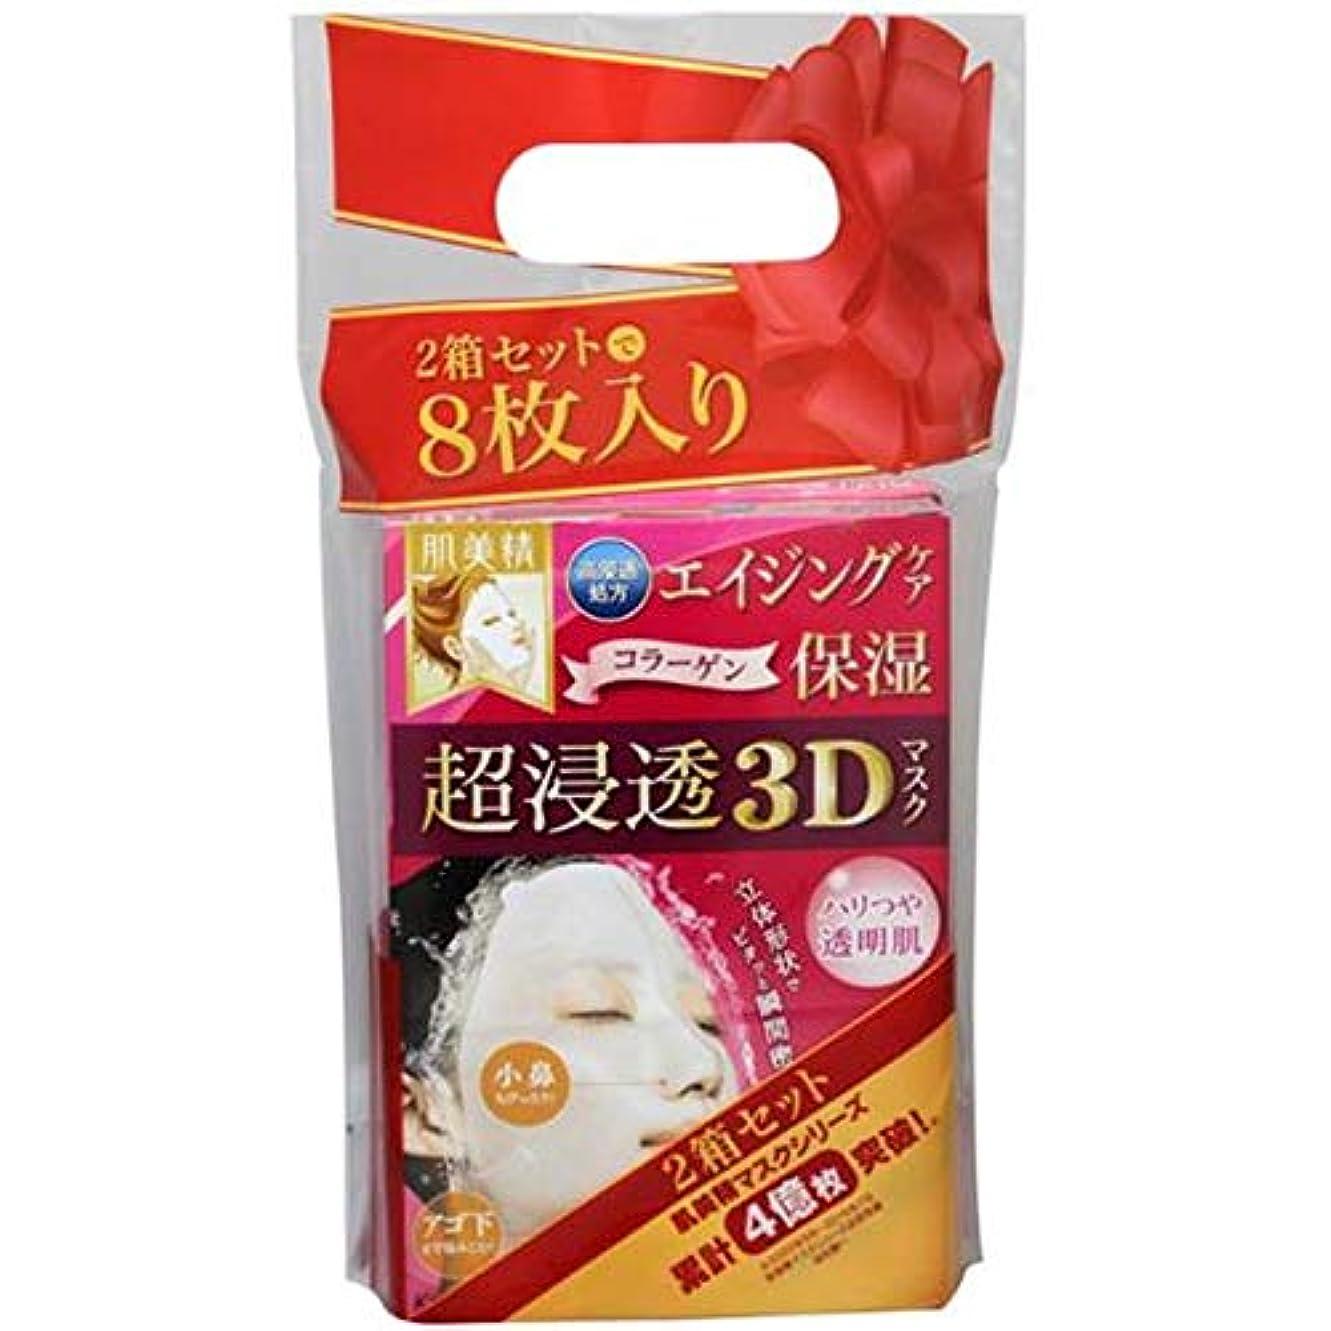 水っぽい道を作る冷える【数量限定!お買い得セット!】肌美精 超浸透3Dマスク エイジングケア保湿 2個セット